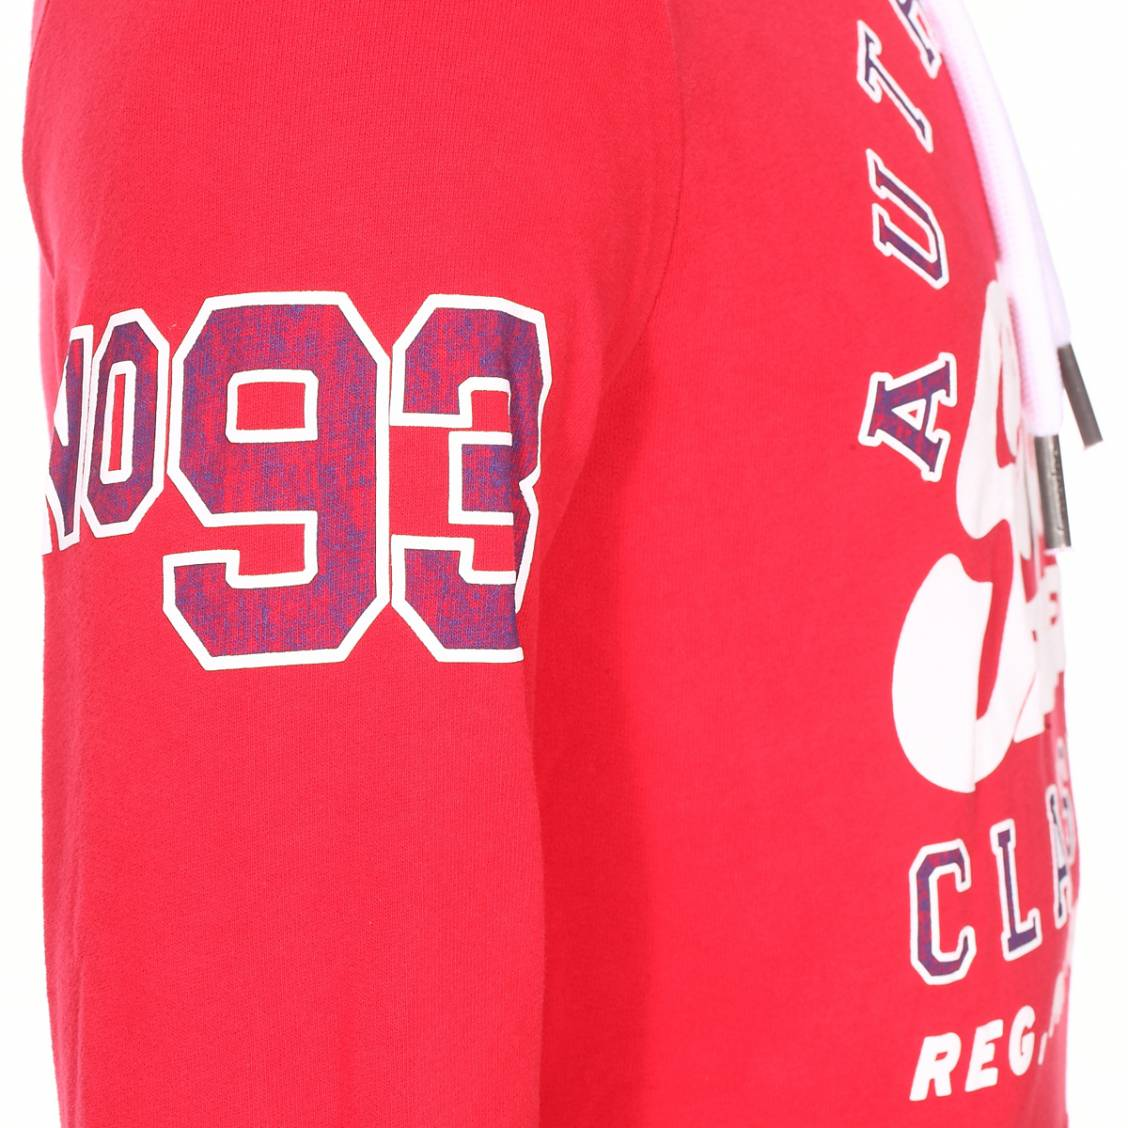 Sweat à capuche Superdry Heritage Classic Lite Hood en coton mélangé rouge floqué blanc et bleu | Rue Des Hommes